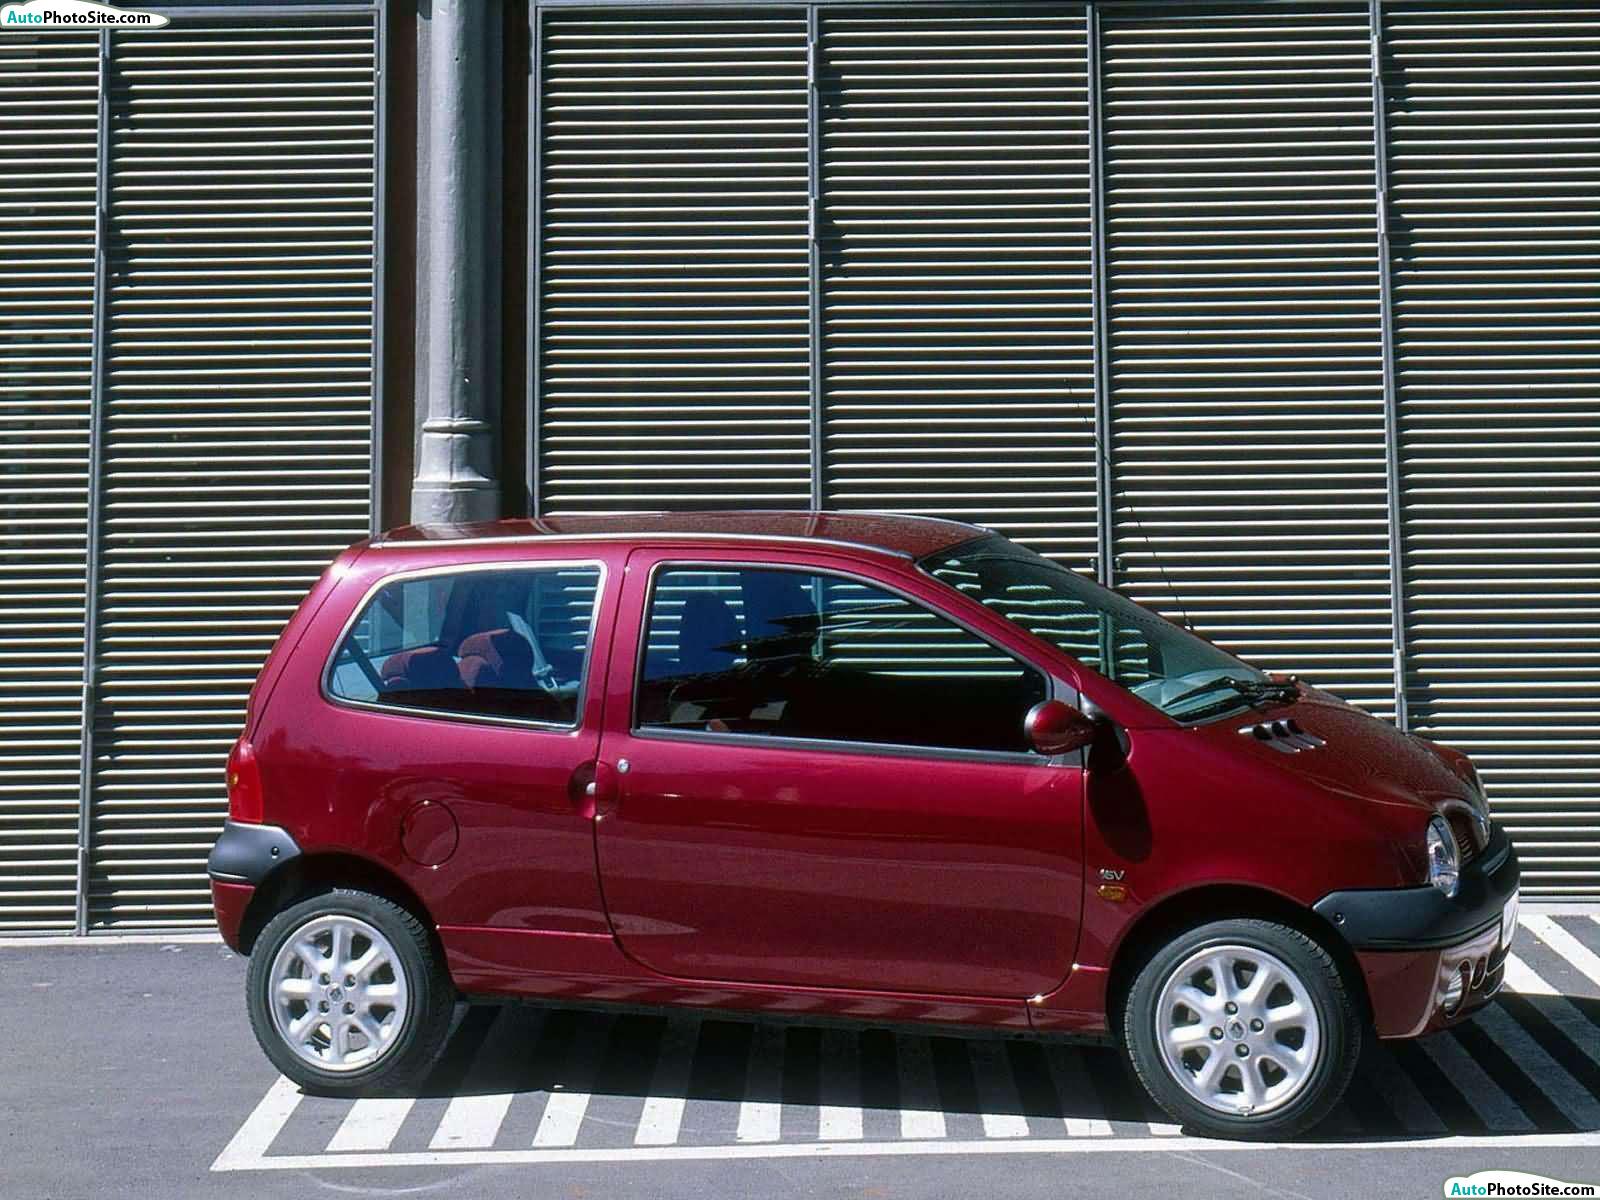 2002 Renault Twingo